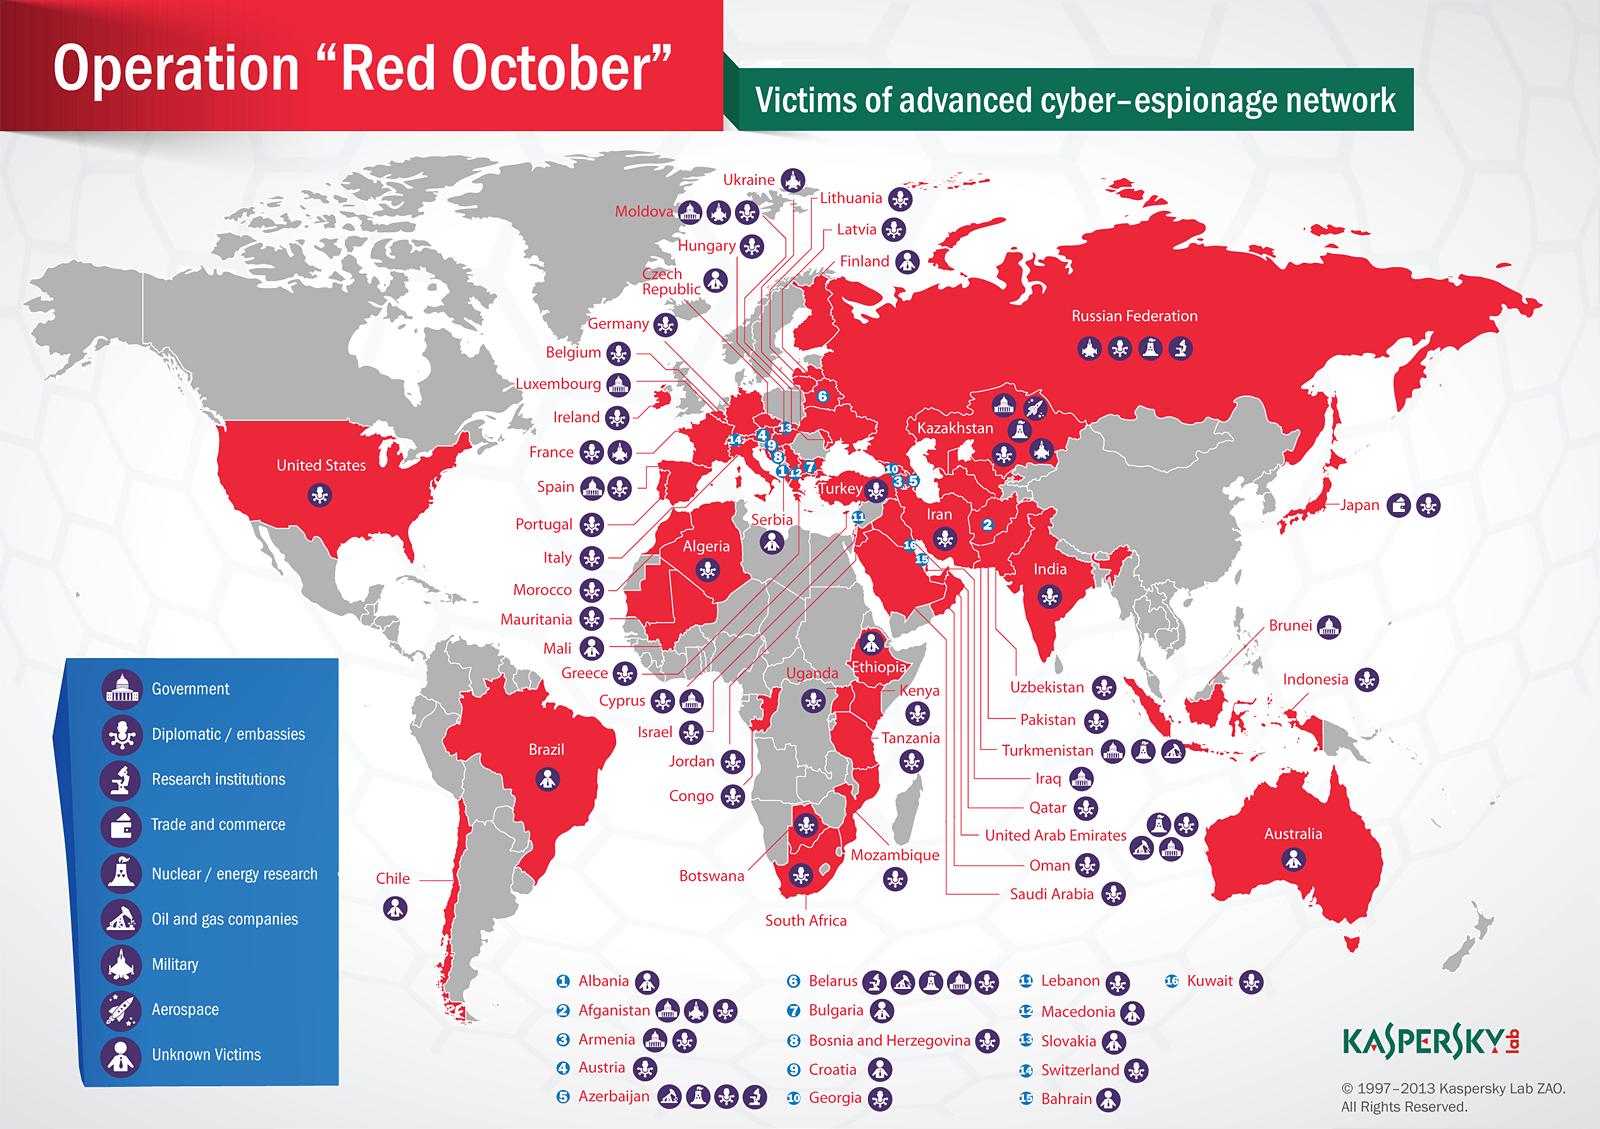 Mapa-mundi mostra os países contaminados com o Red October (Reprodução|Kaspersky Lab) (Foto: Mapa-mundi mostra os países contaminados com o Red October (Reprodução|Kaspersky Lab))